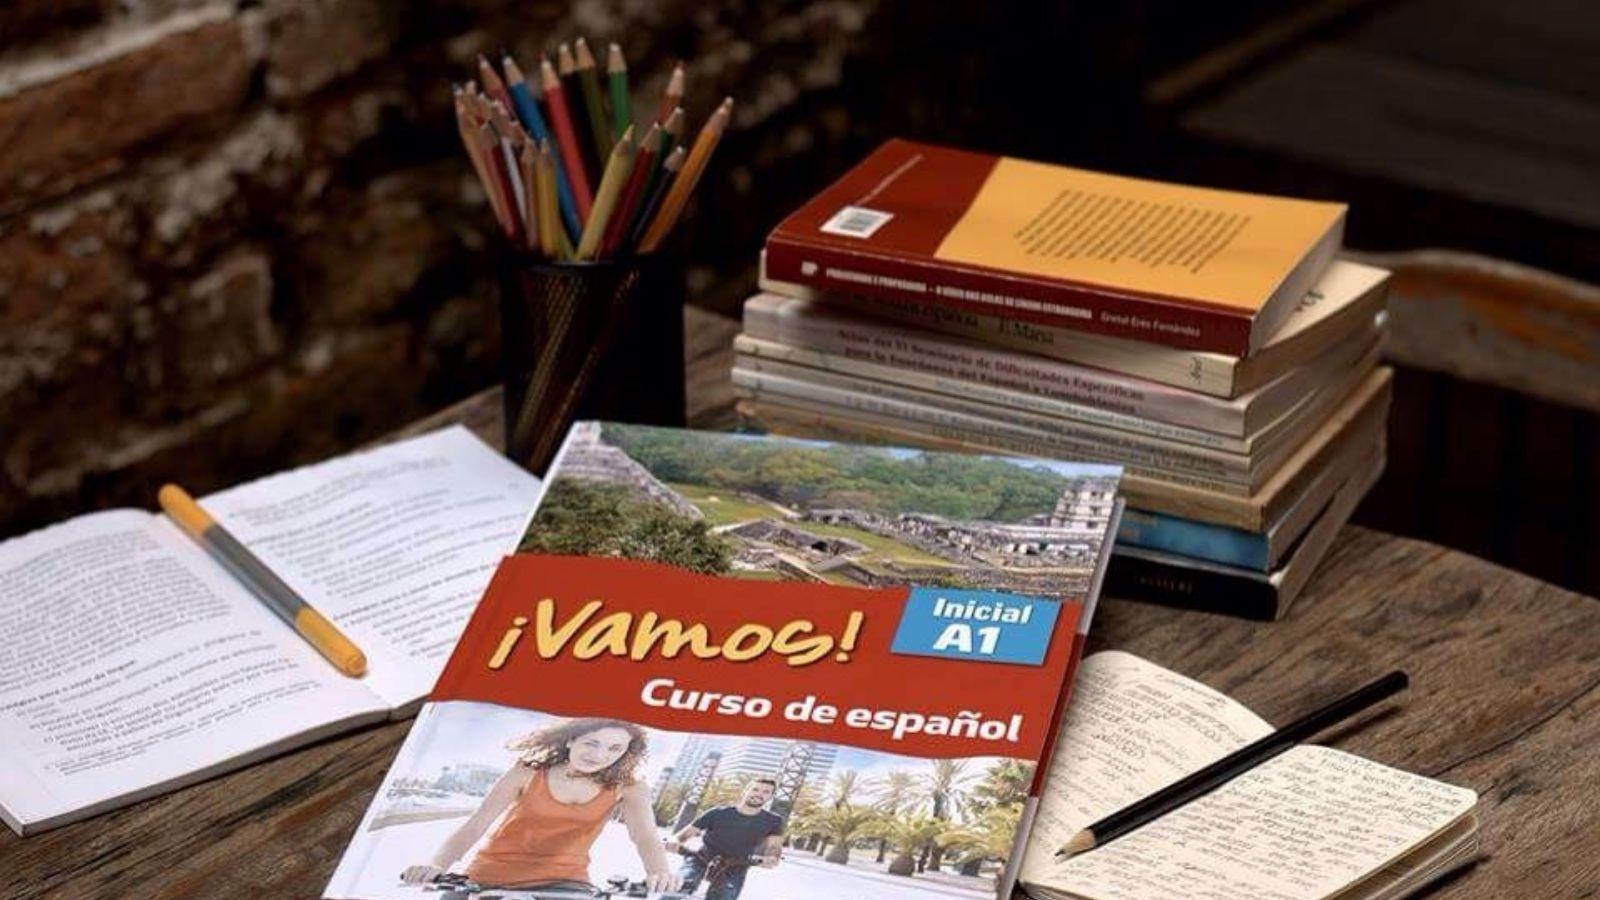 https://www.espanaaqui.com.br/pdf/janeiro%202021/sem%20nome.%20%20a1.jpg